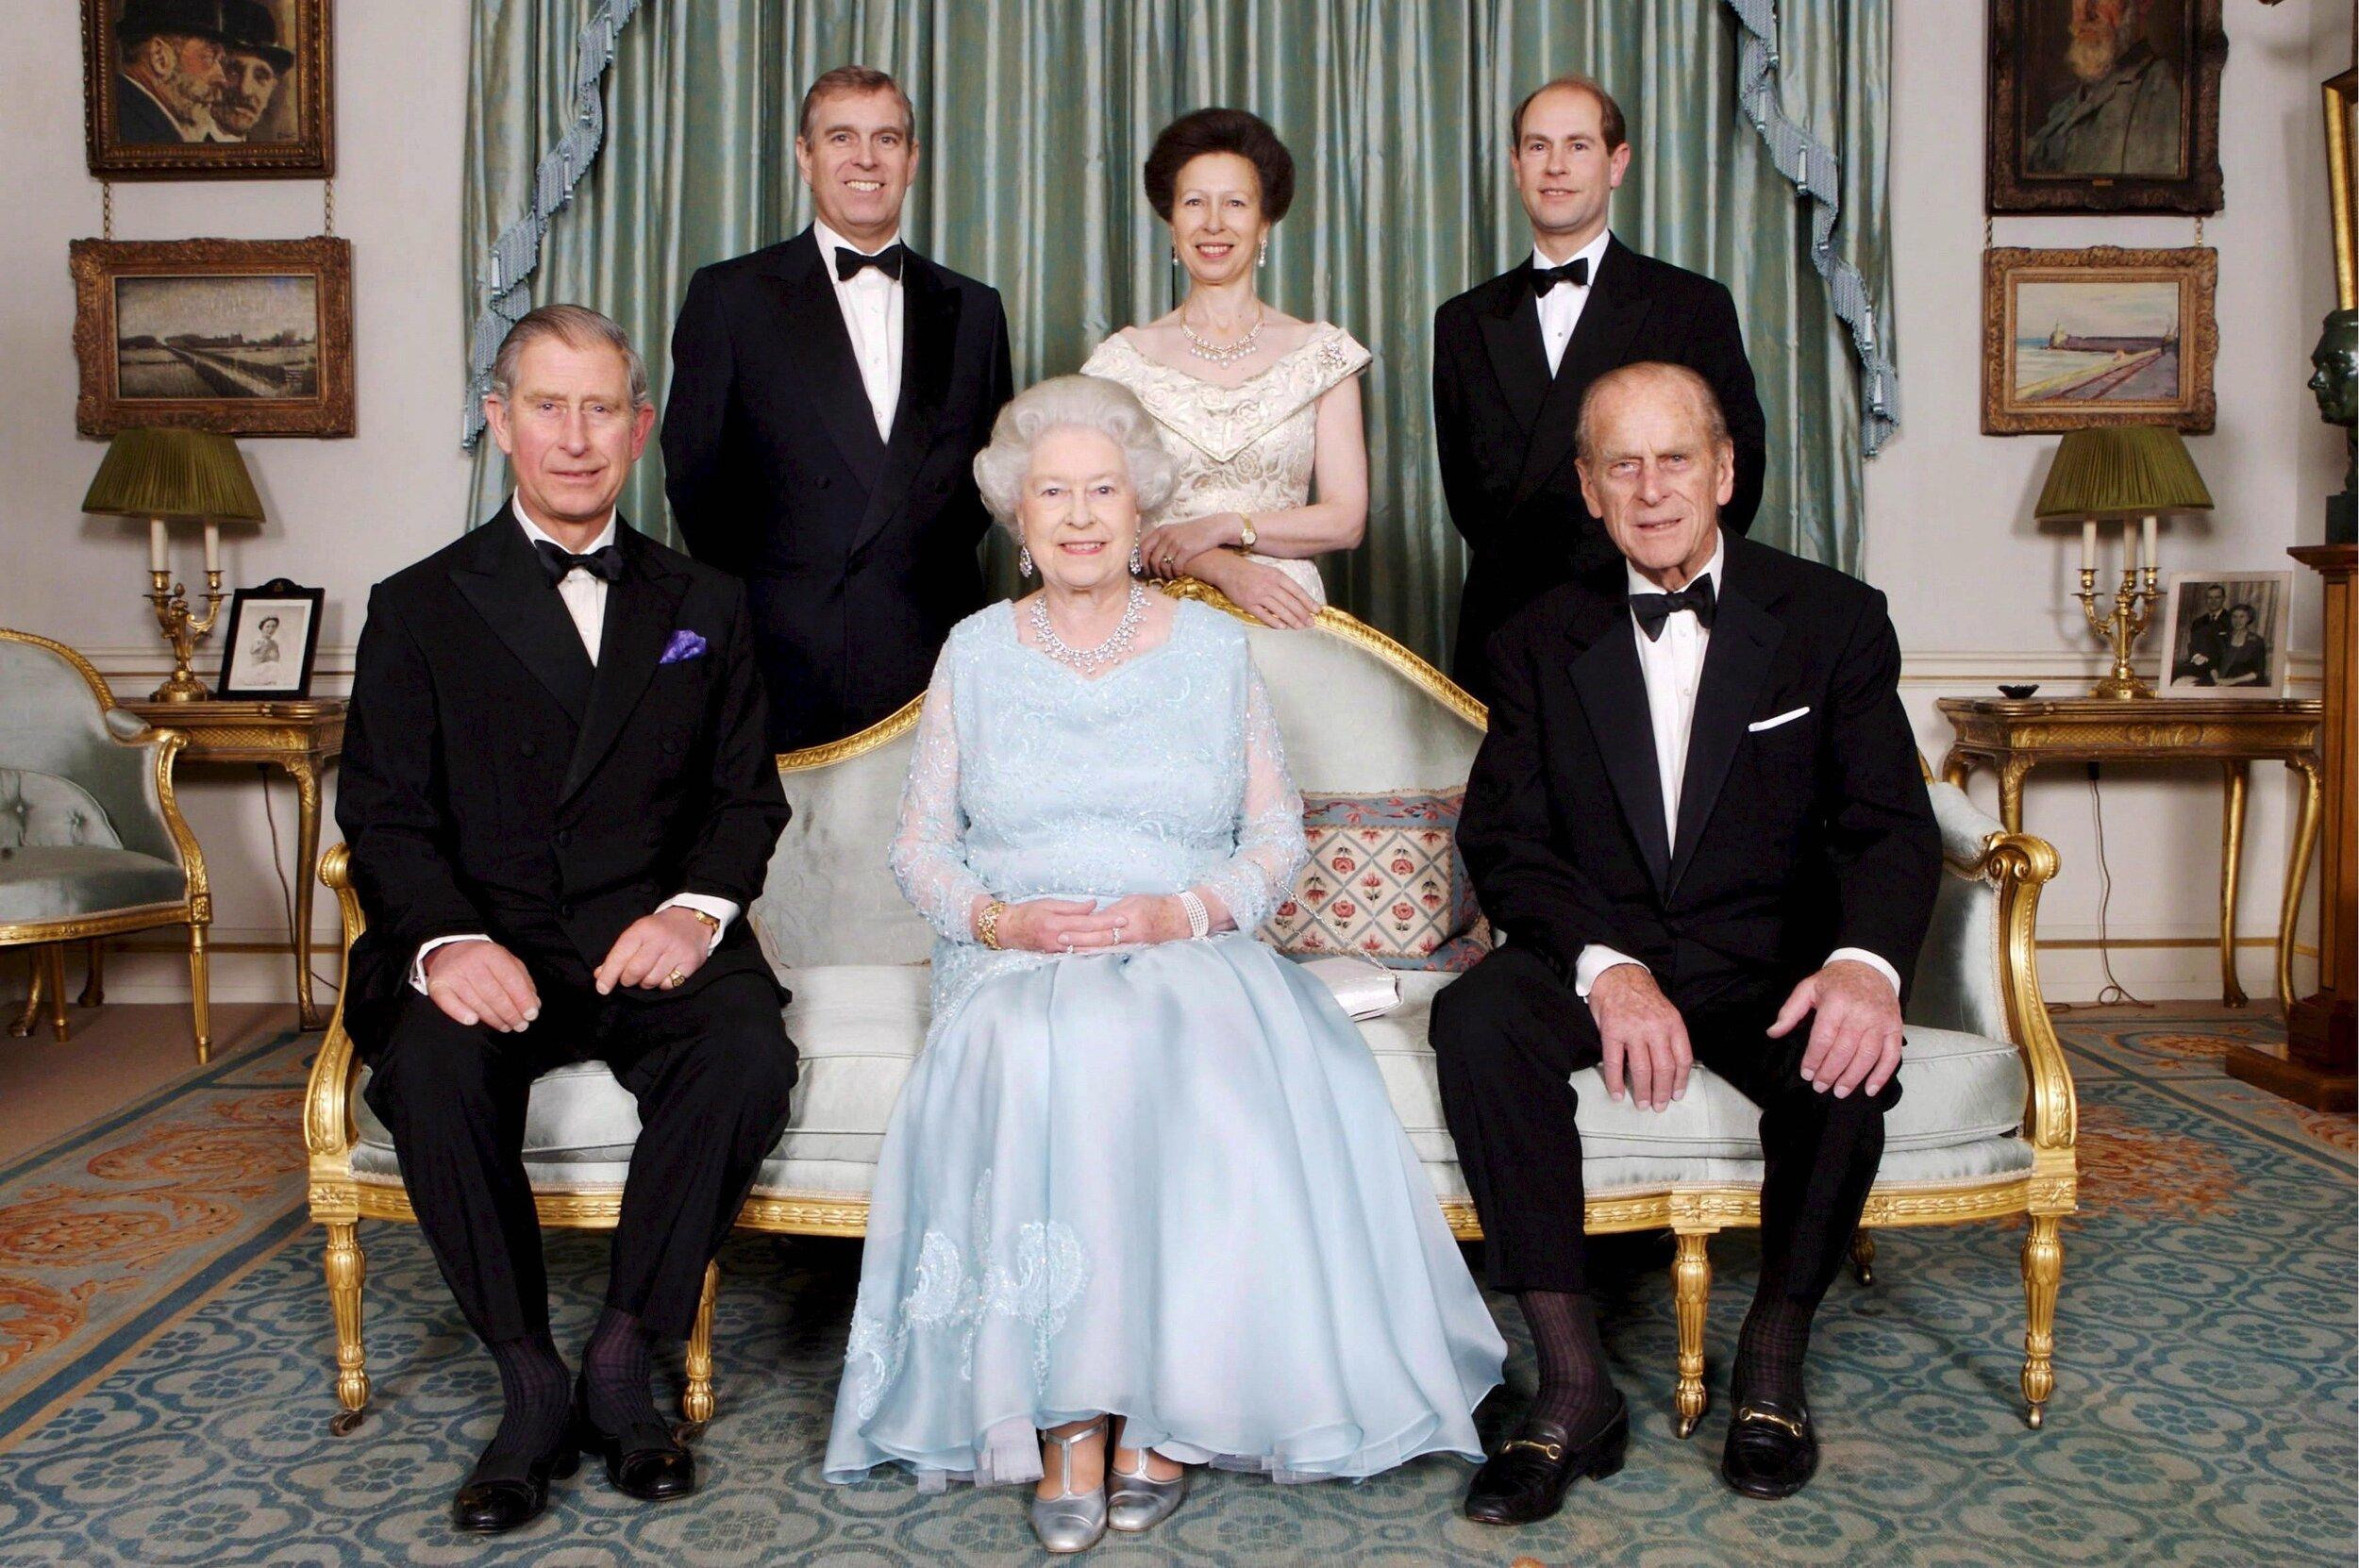 Queen Elizabeth und Prinz Philip haben vier gemeinsame Kinder bekommen. © epa-Bildfunk